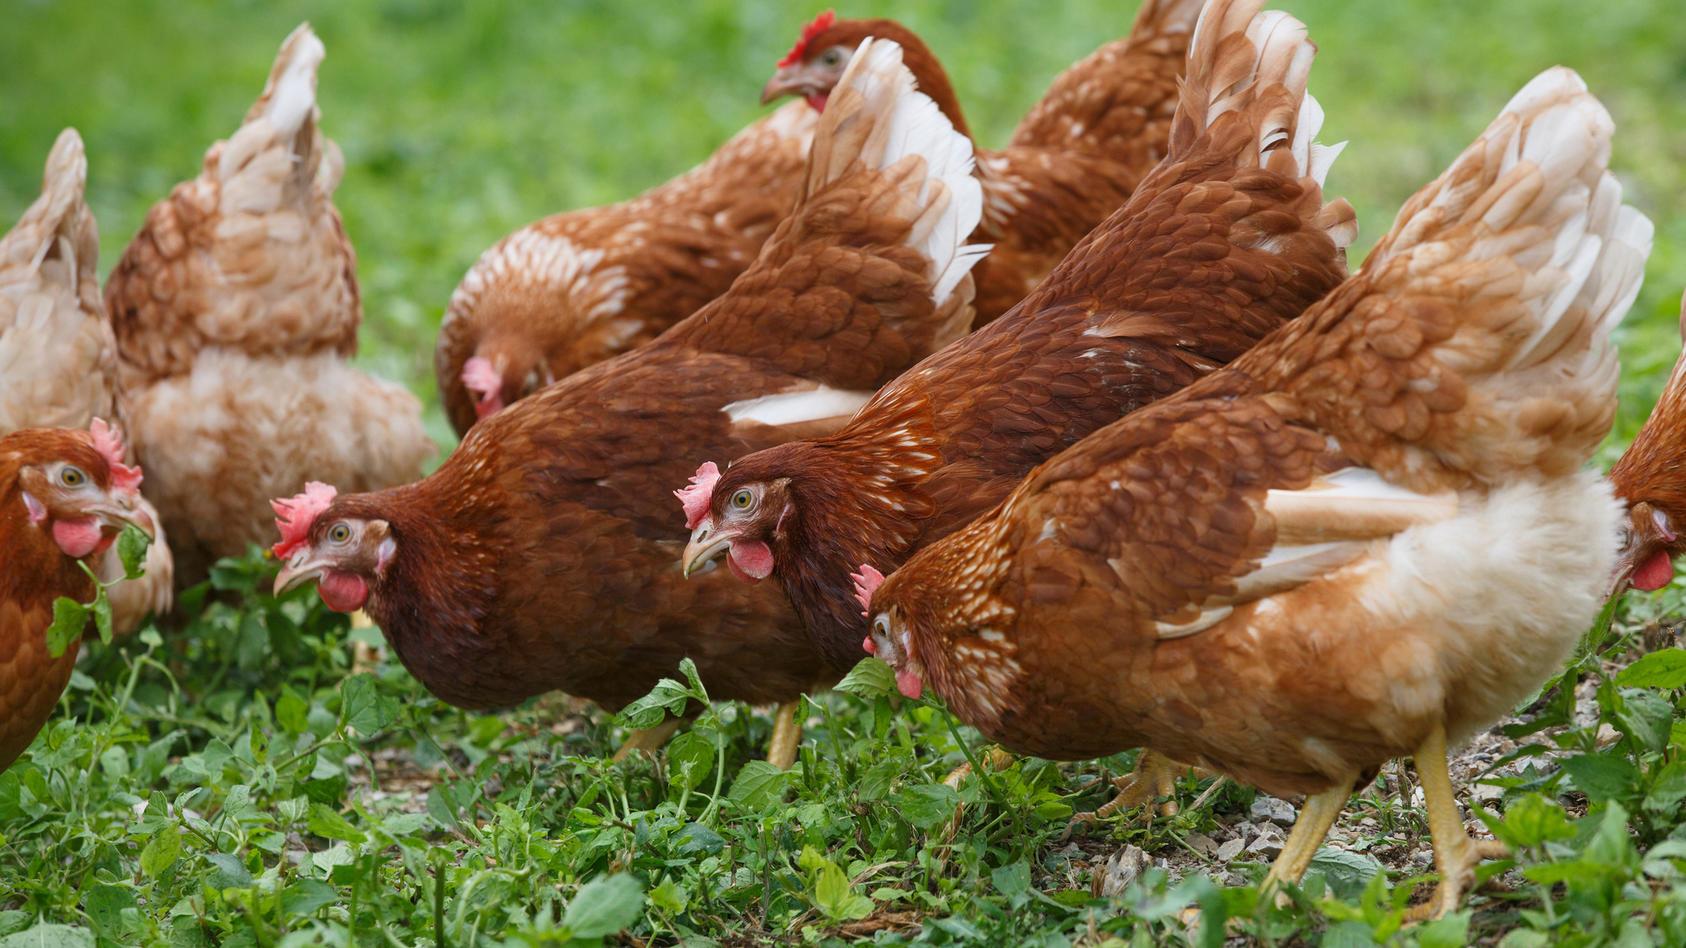 In der Bio-Haltung müssen die Hühner ständig freien Zugang zum Freigelände haben. Dabei müssen jeder Henne mindestens 4 Quadratmeter Auslauffläche zur Verfügung stehen.